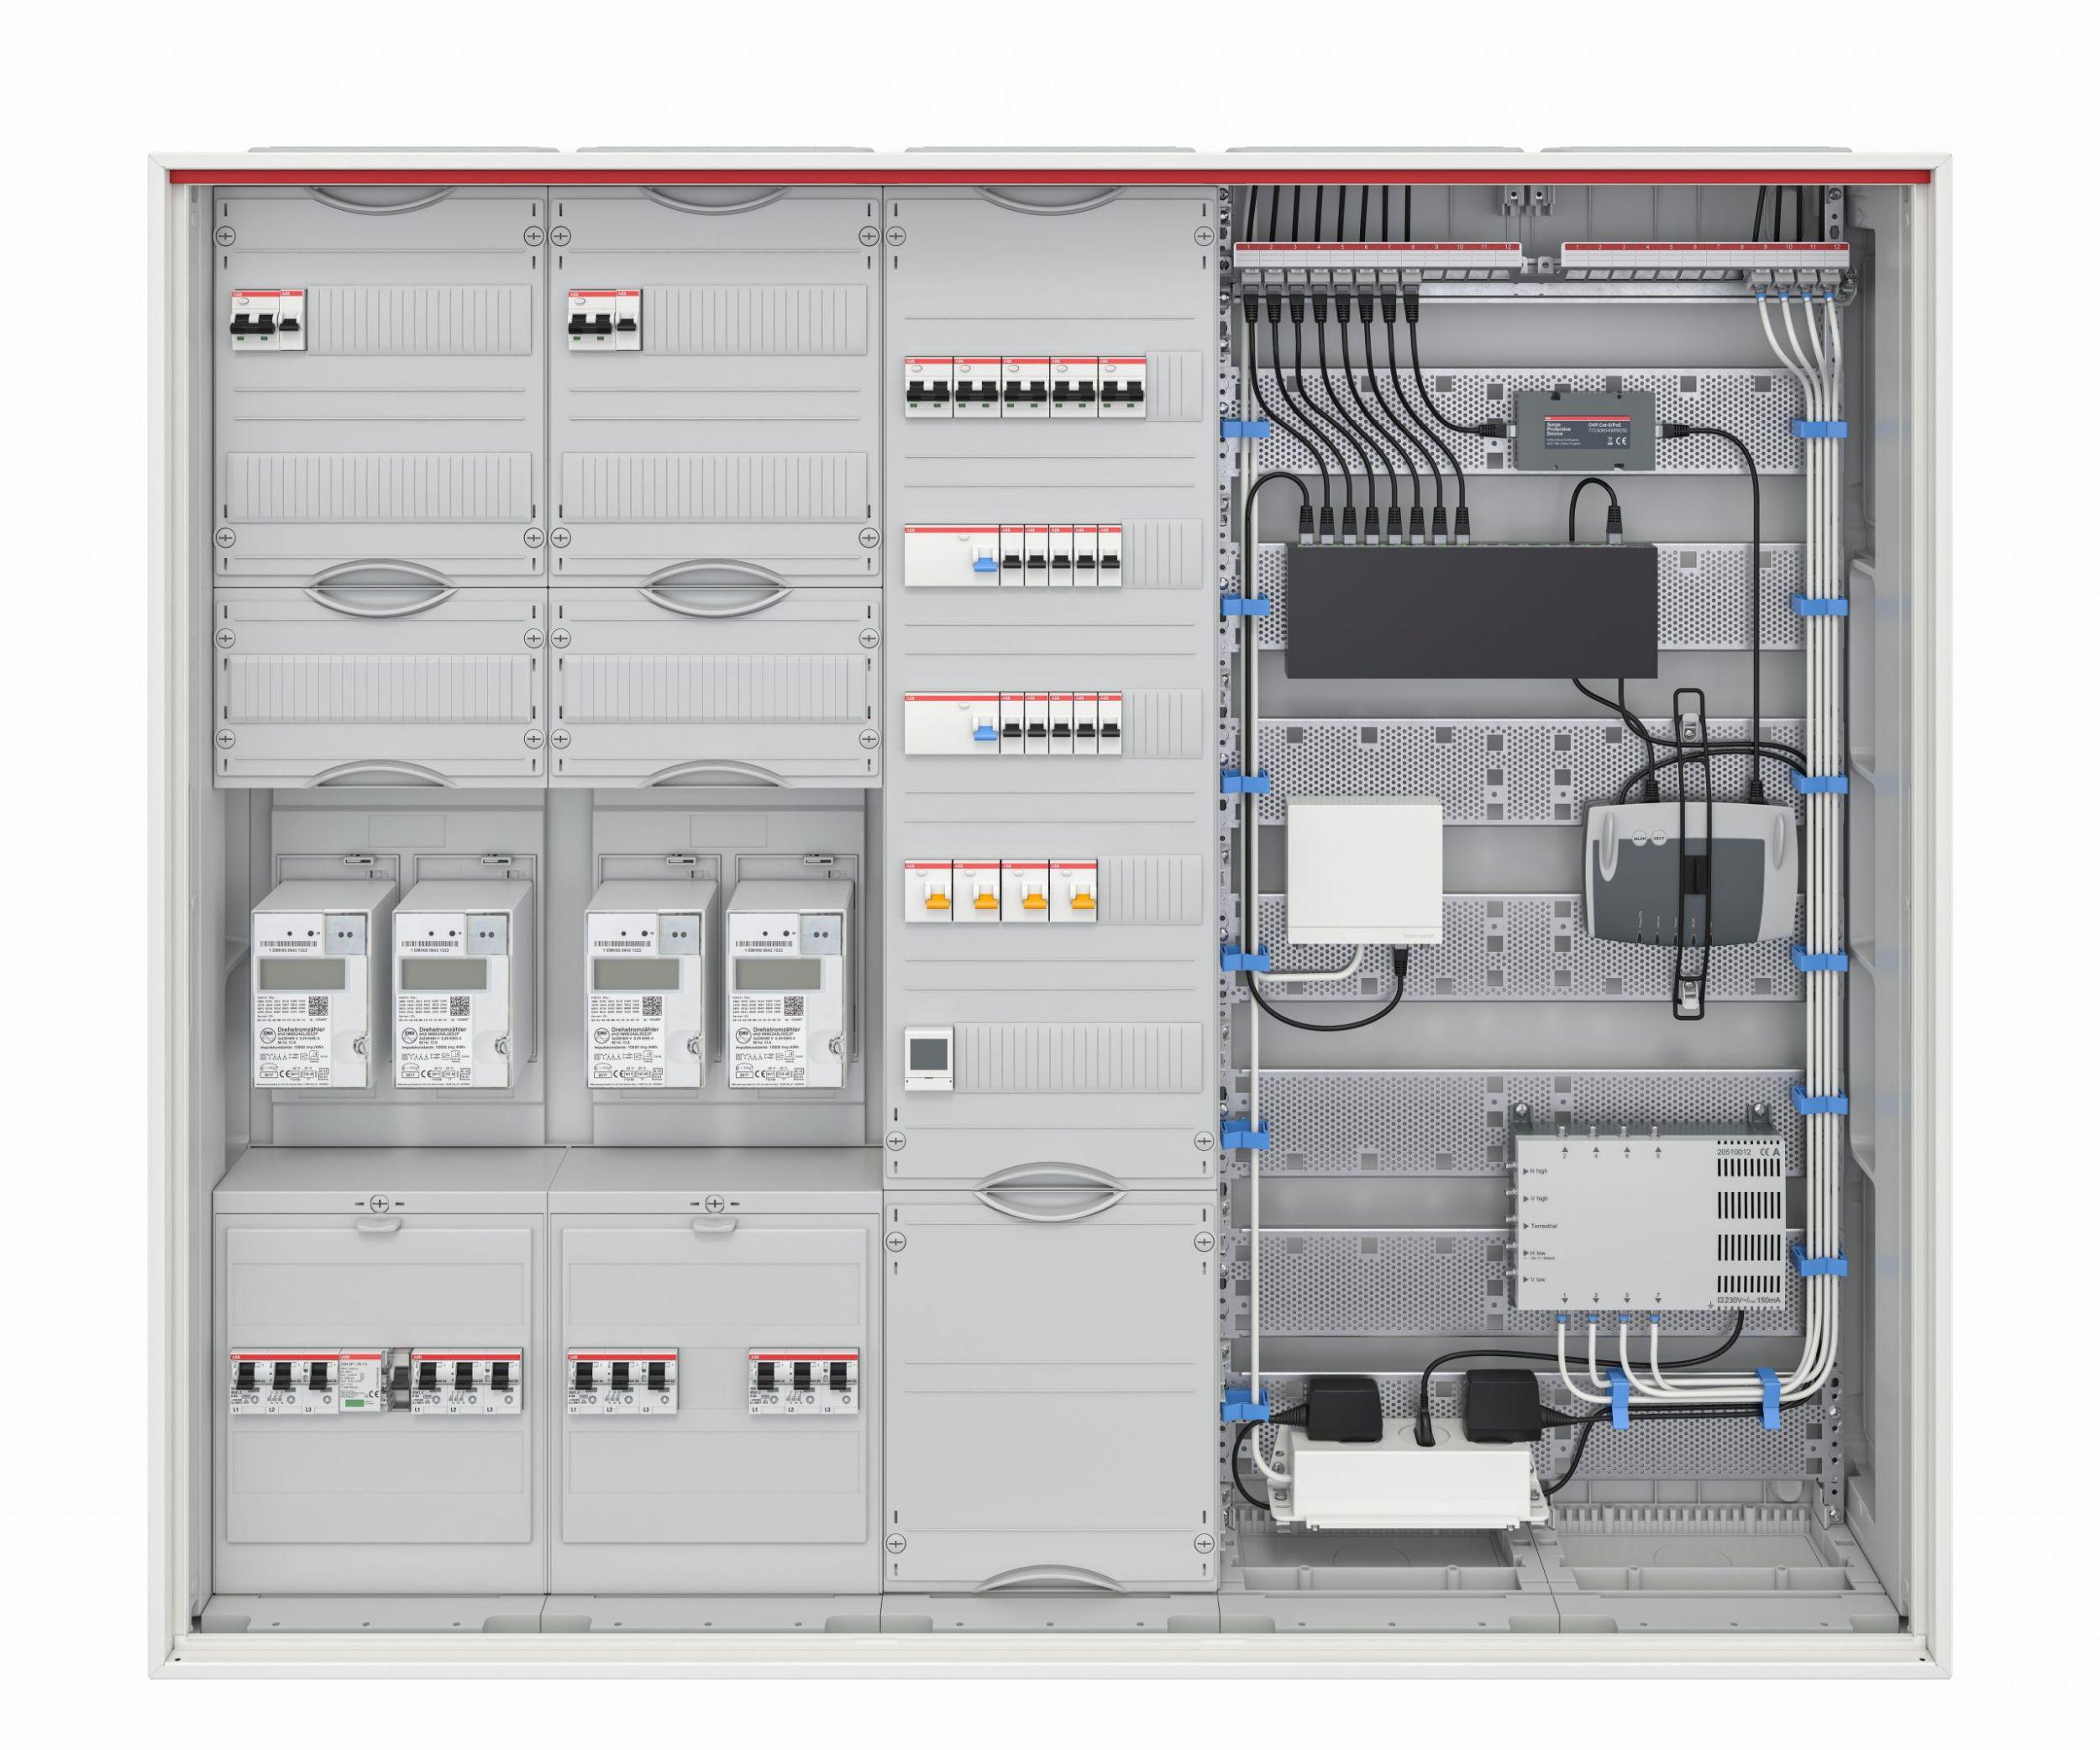 50 Prozent Prozentgrößere Flanschöffnungen, mithilfe des QMS einfach einrastbare Einbaufelder, integrierte Datenkanäle, sichere 3-Punkt-Türverriegelung und die hohe Schutzart IP44 sind die wichtigsten Kennzeichen der neuen Schränke der ComfortLine-Reihe. (Bild: ABB Stotz-Kontakt GmbH)